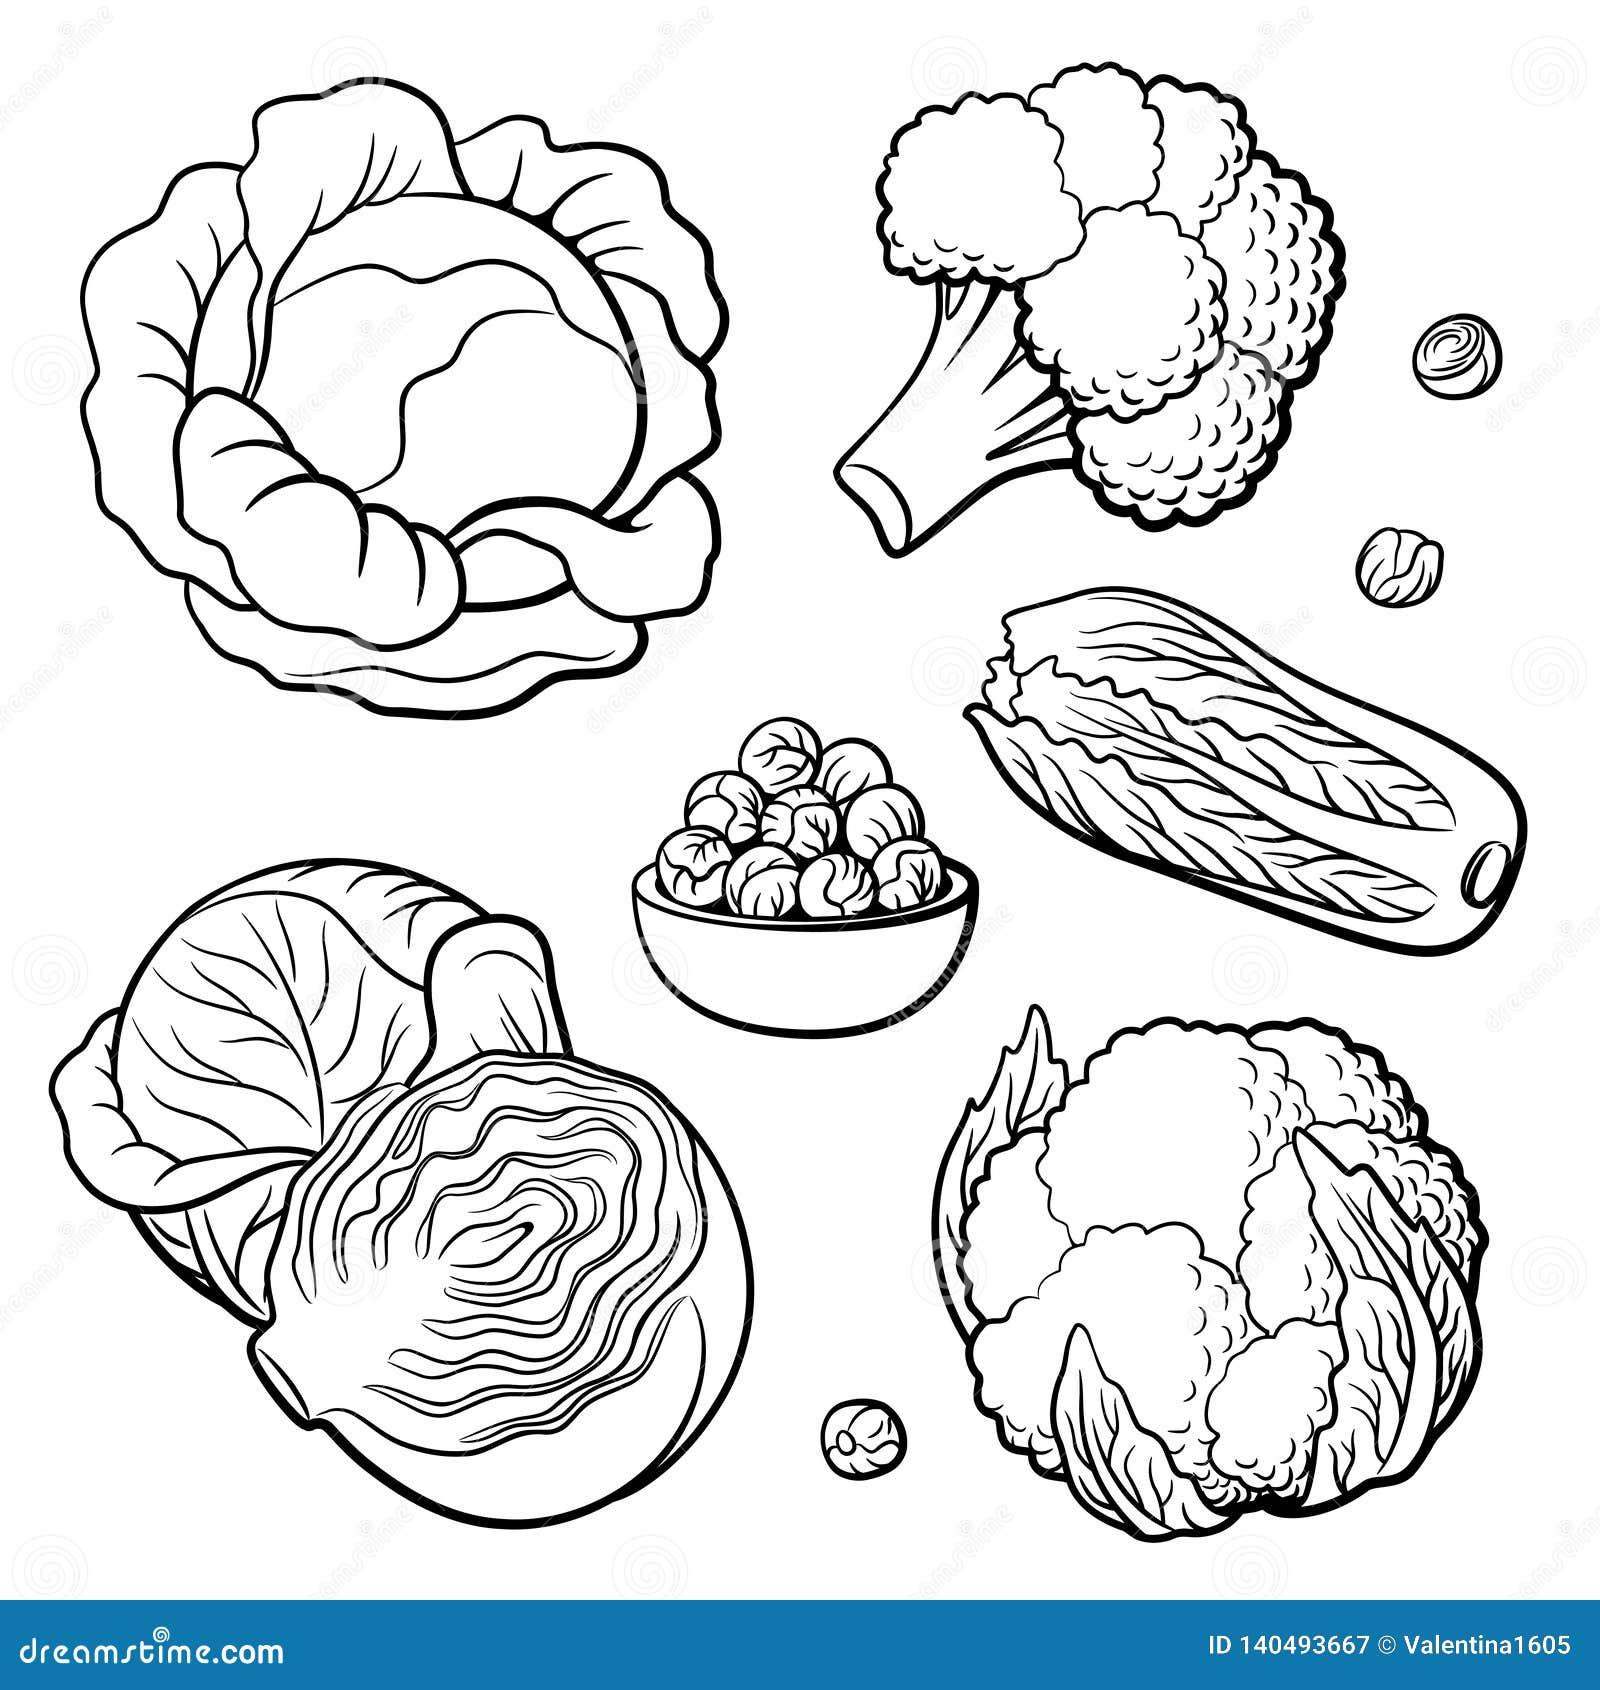 Jogo Dos Vegetais Couve, Brócolis, Couve-flor, Couve Chinesa E Couve-de-bruxelas  Ilustração do Vetor - Ilustração de jogo, flor: 140493667